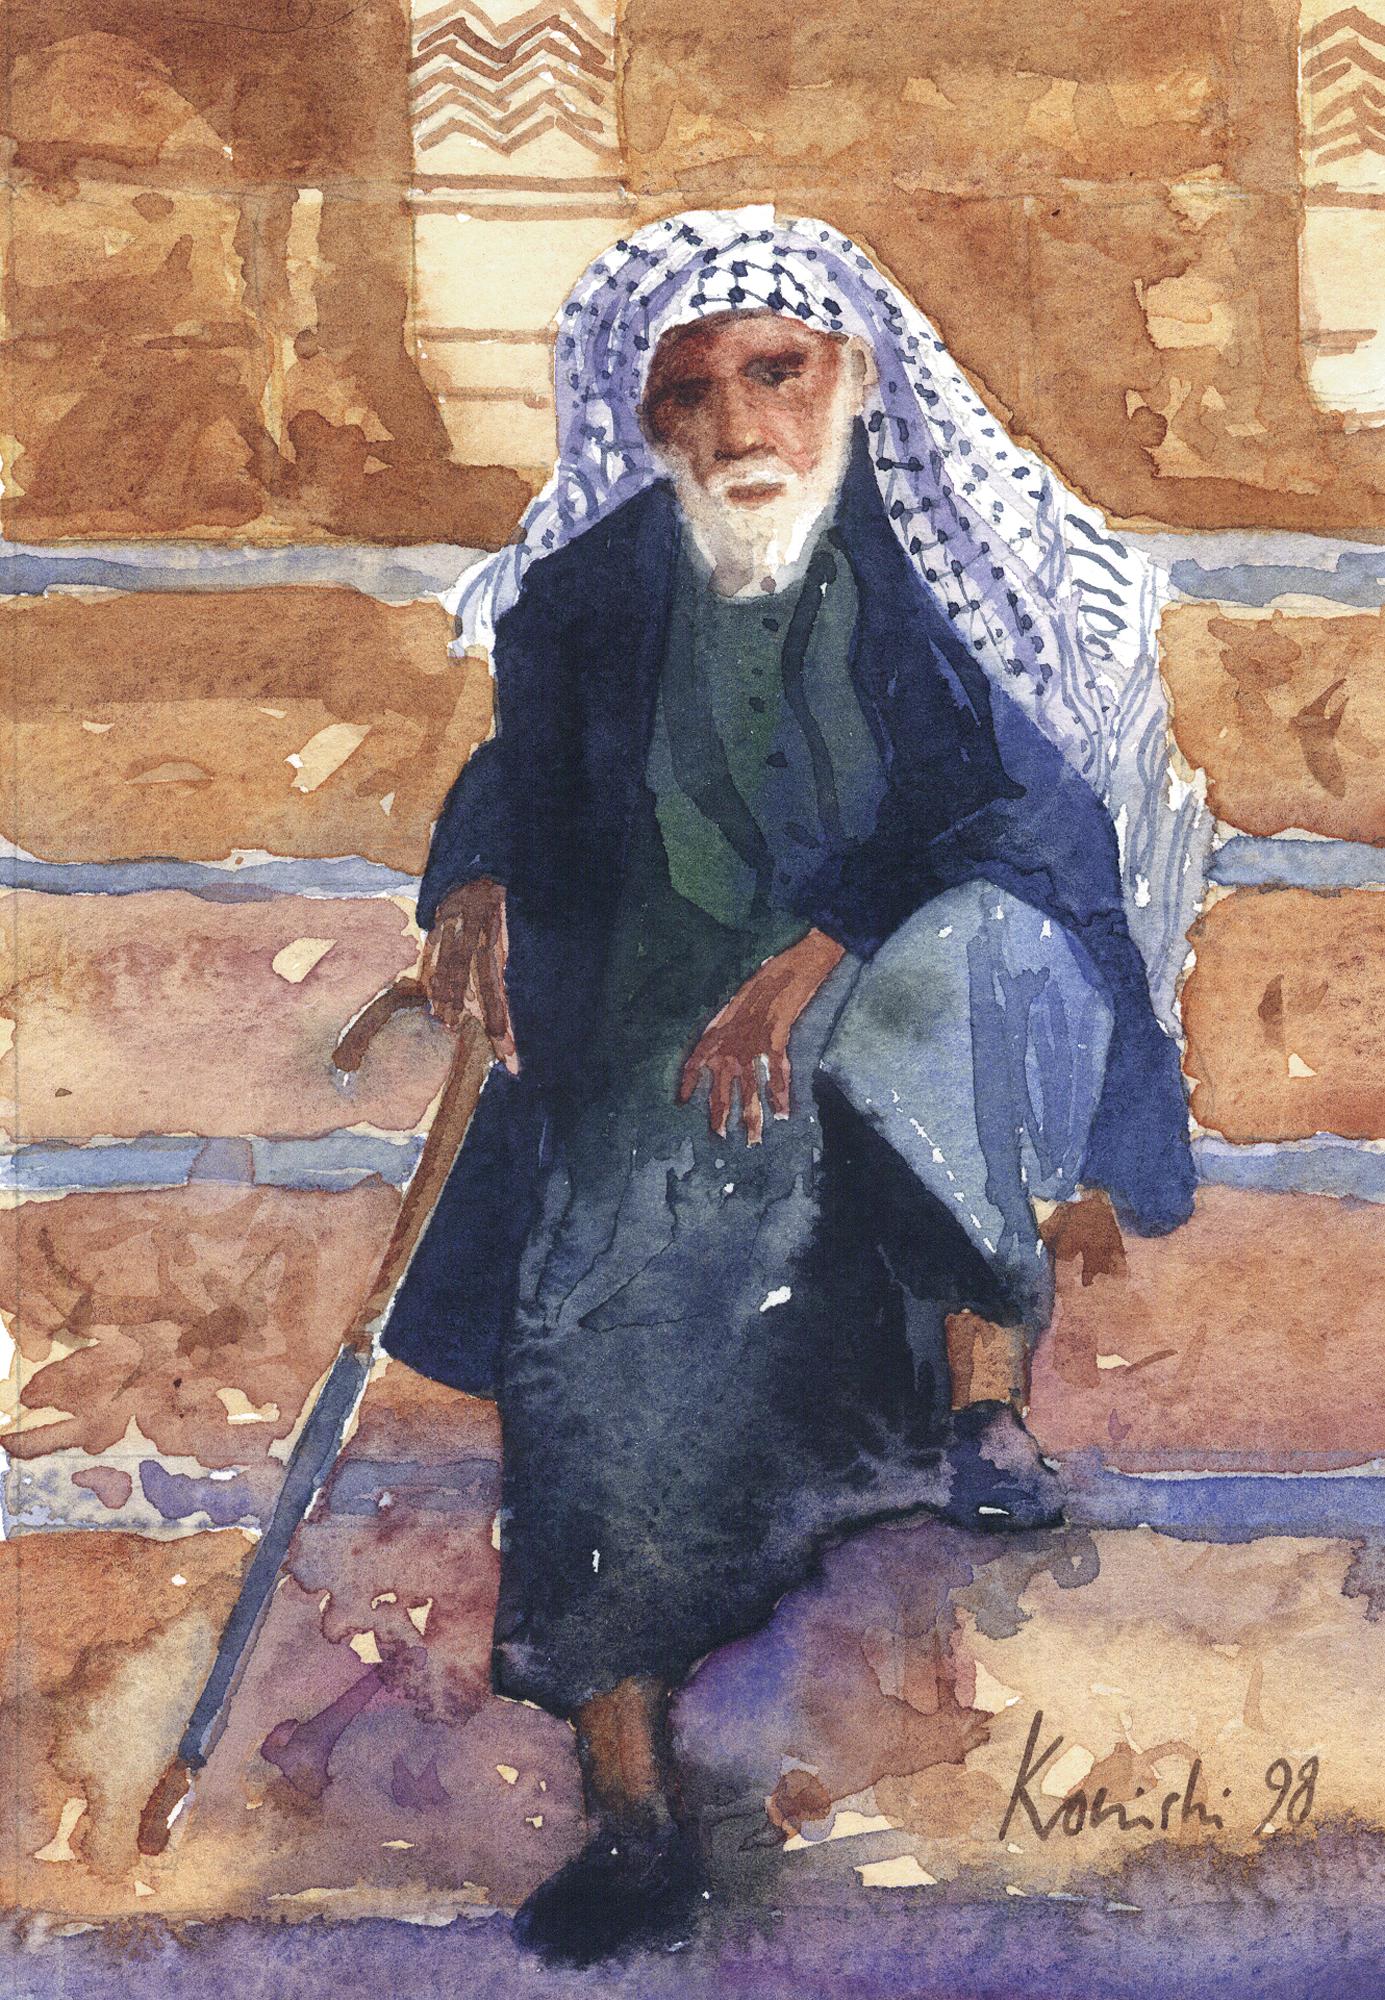 Palestinian on Temple Mount, Jerusalem